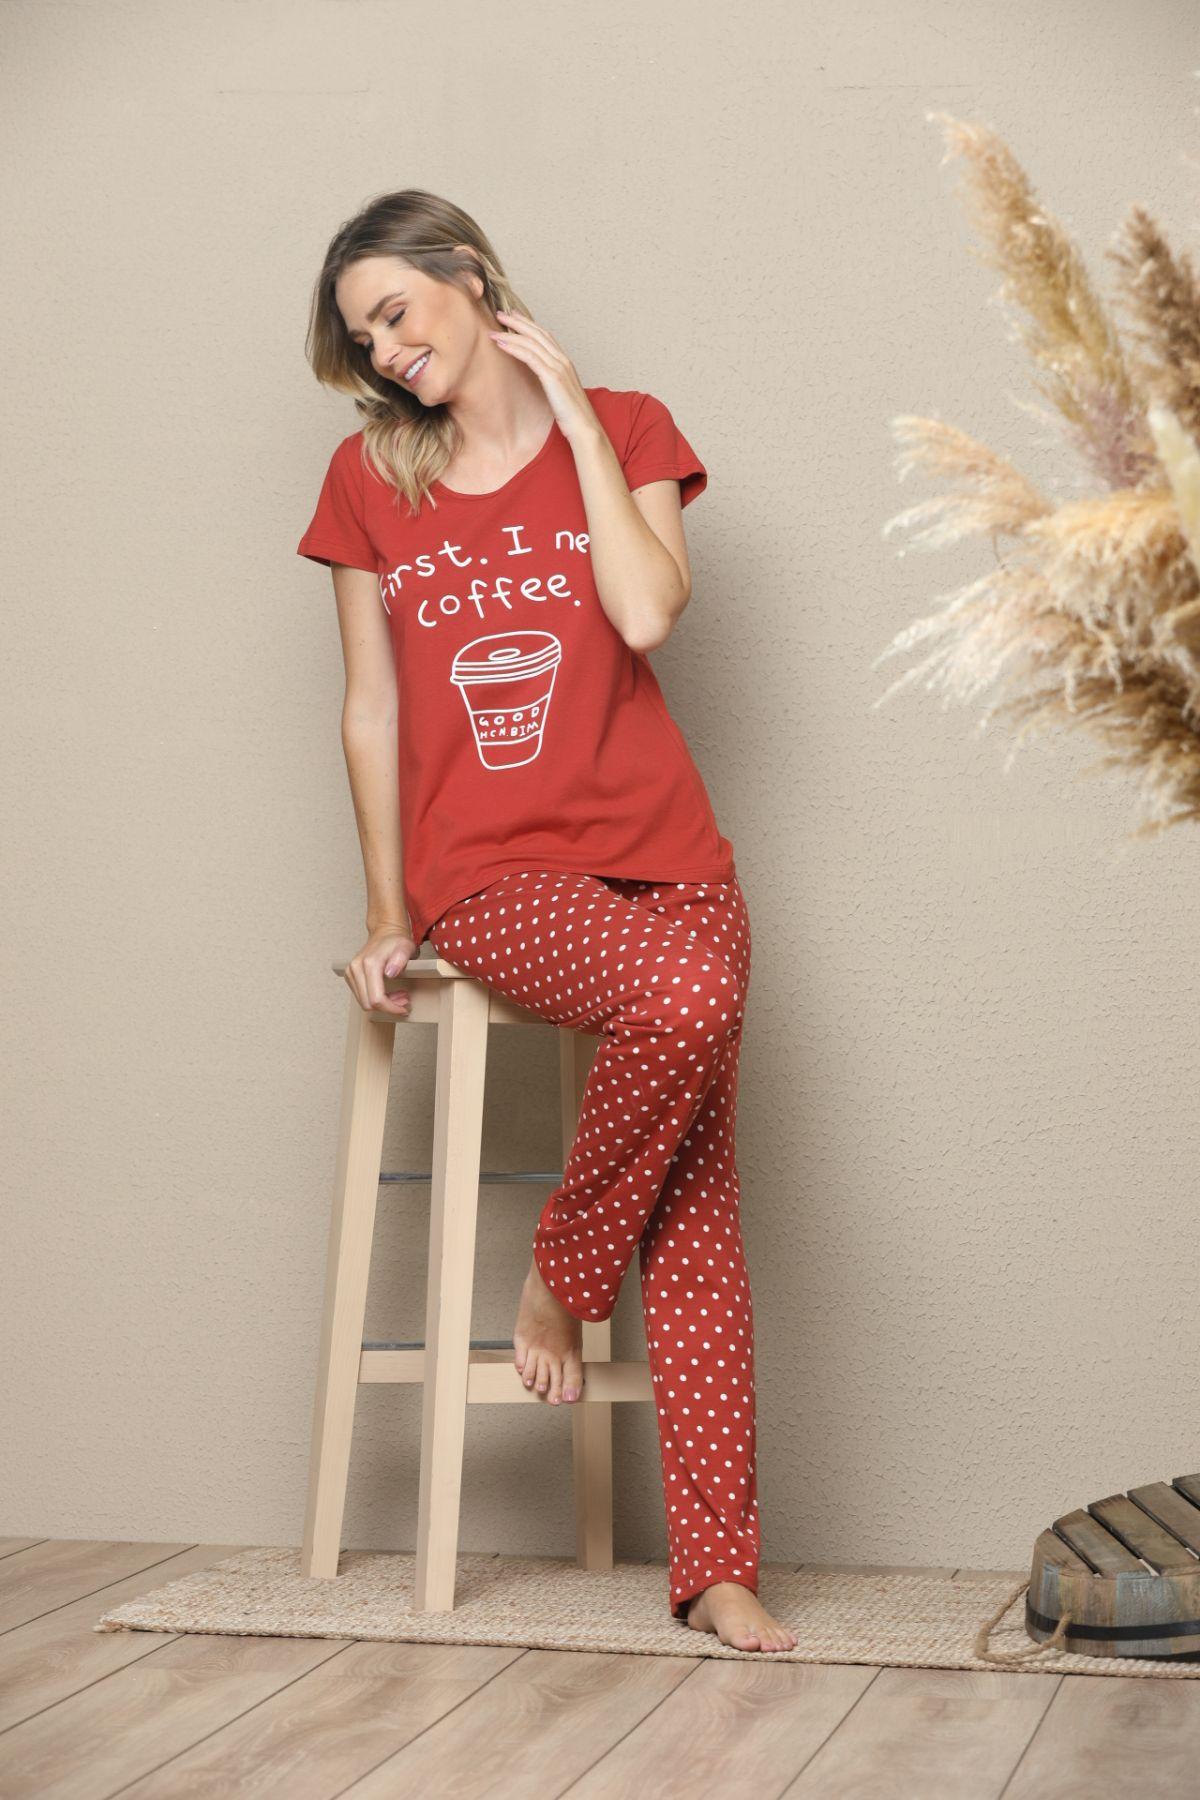 SIYAH INCI - Kısa Kollu Pamuklu Likralı Pijama Takım 21133530